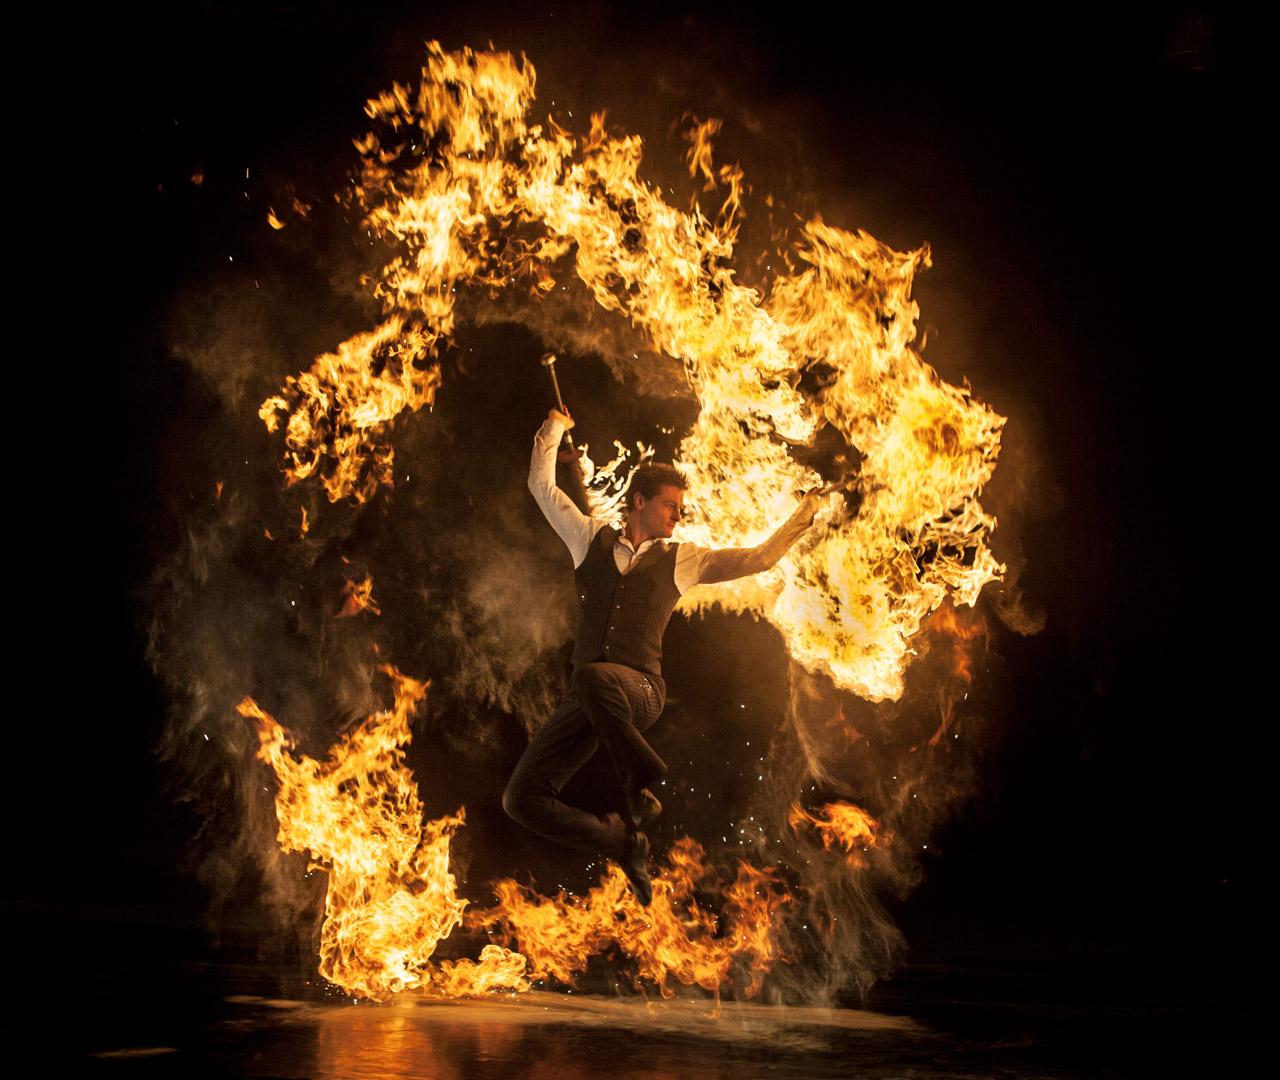 Spark Fire Dance - Fire-swords-jump.jpg